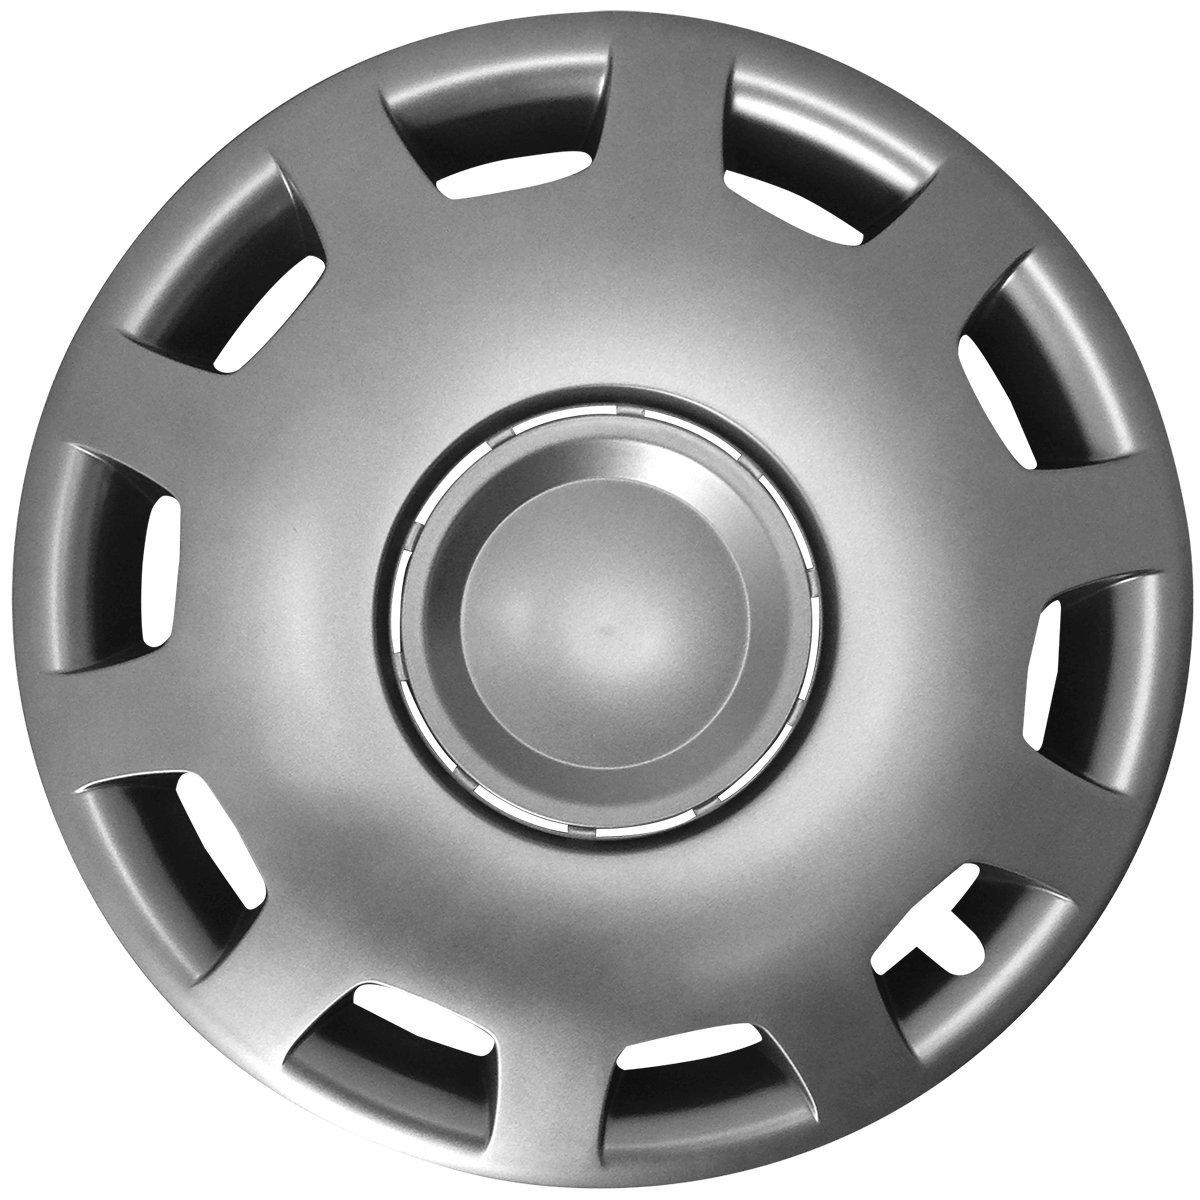 Farbe /& Gr/ö/ße w/ählbar 16 Zoll Radkappen Granit Schwarz passend f/ür Fast alle g/ängingen Fahrzeuge Eight Tec Handelsagentur universal